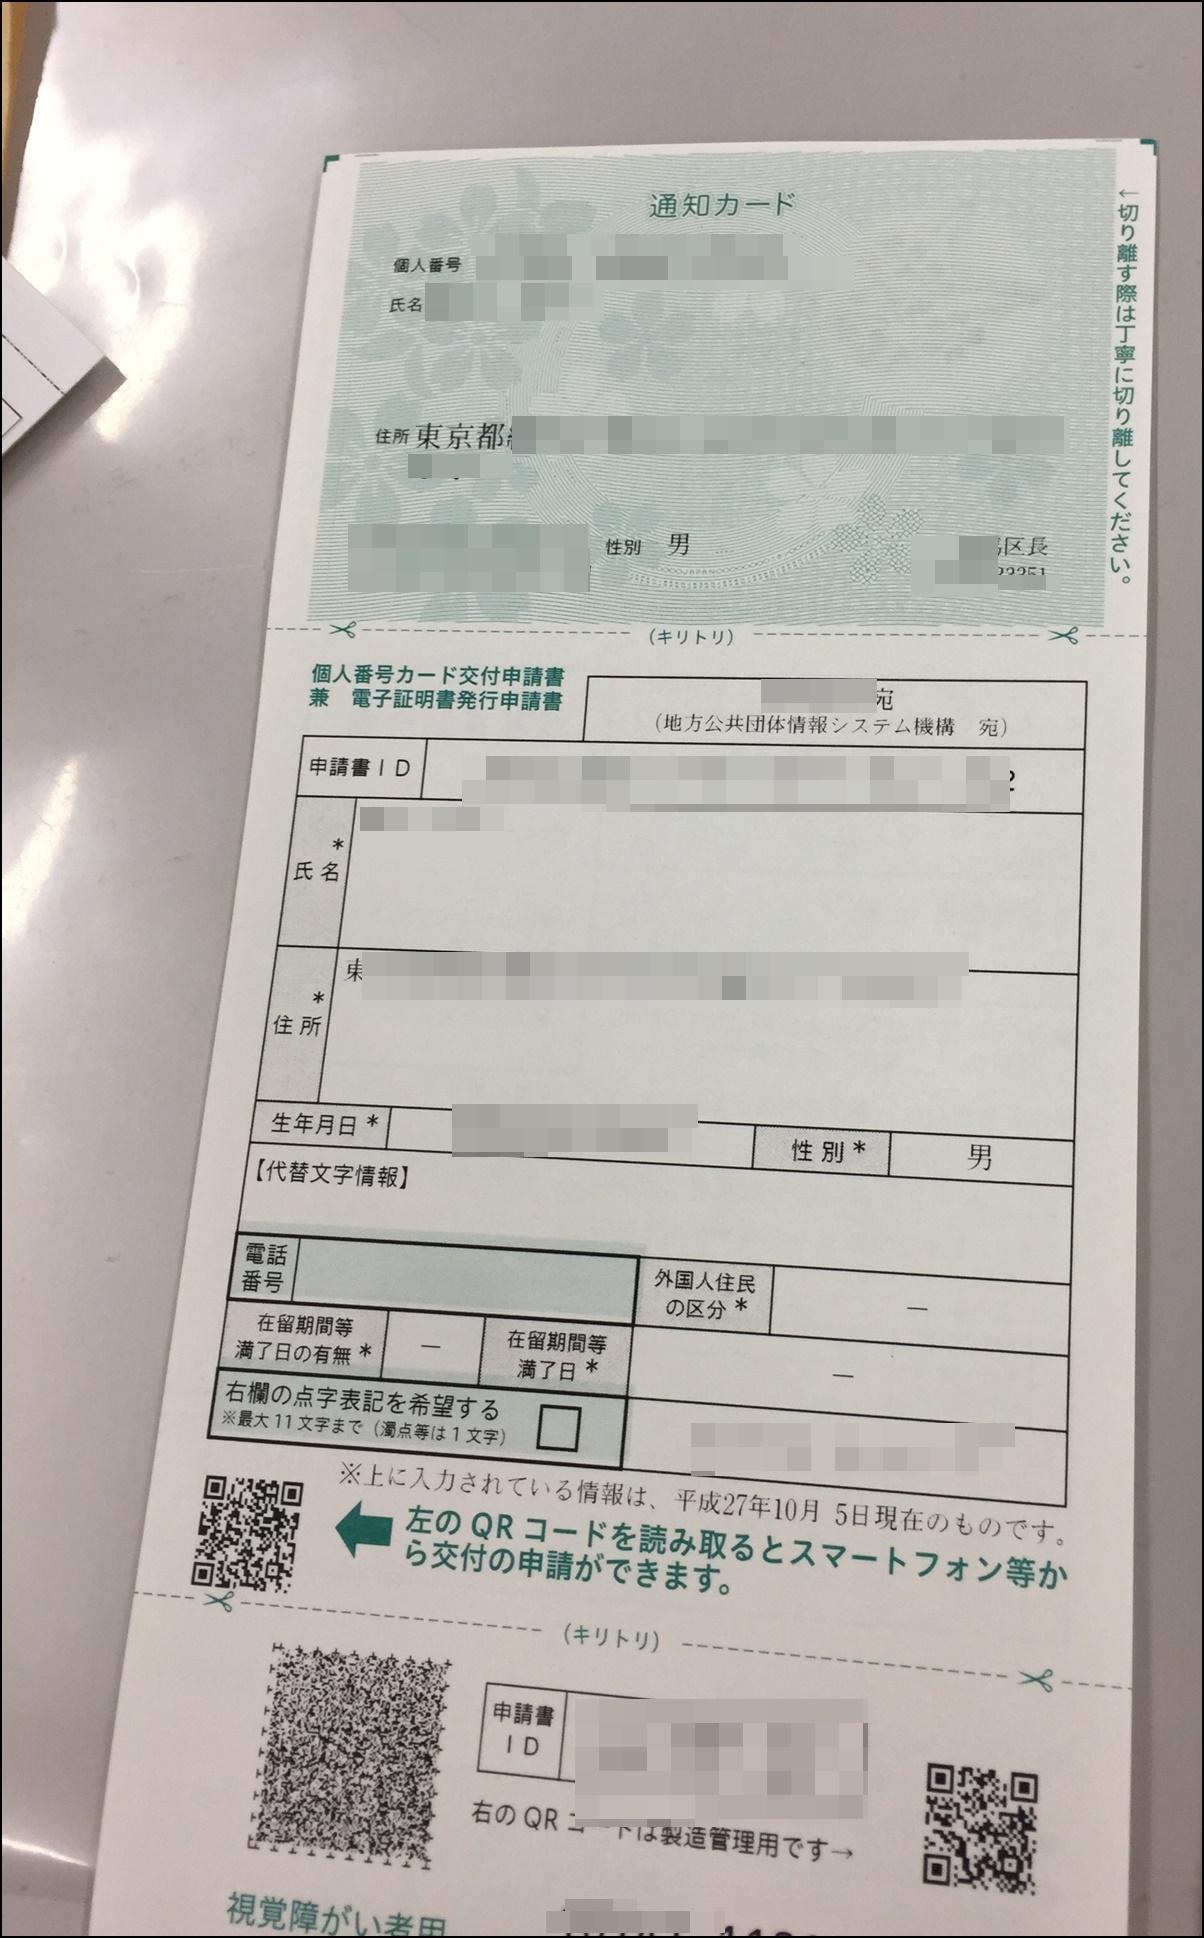 マイ ナンバーカード 受け取り マイナンバーカードの受け取りについて|宝塚市公式ホームページ